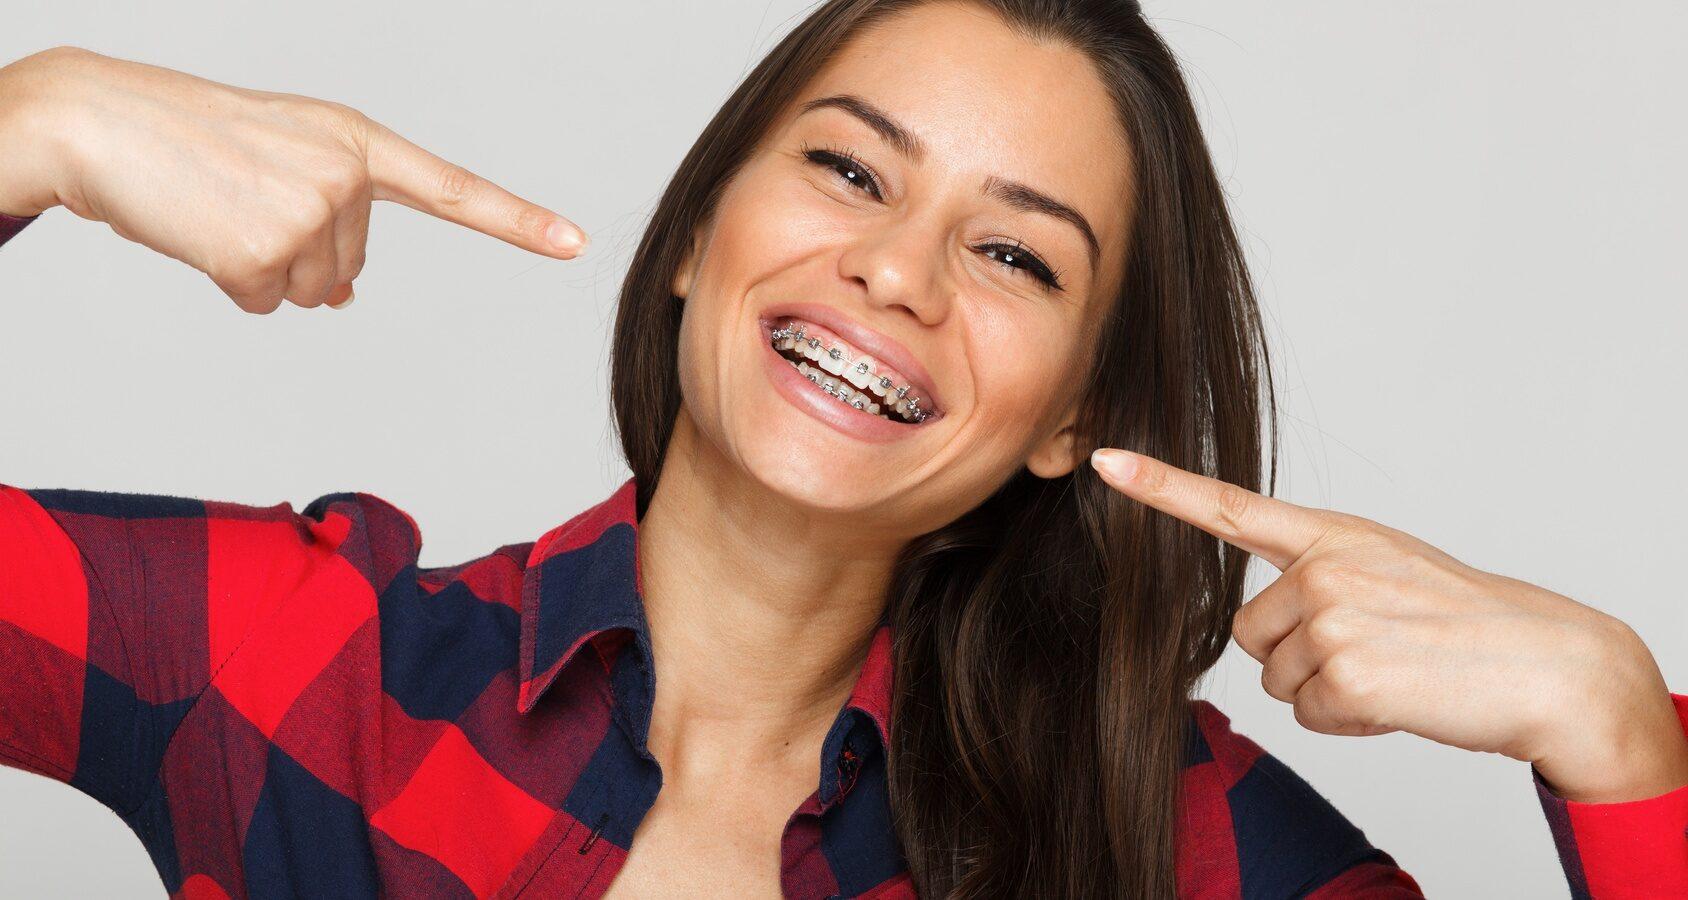 Aparaty ortodontyczne – jak działają?